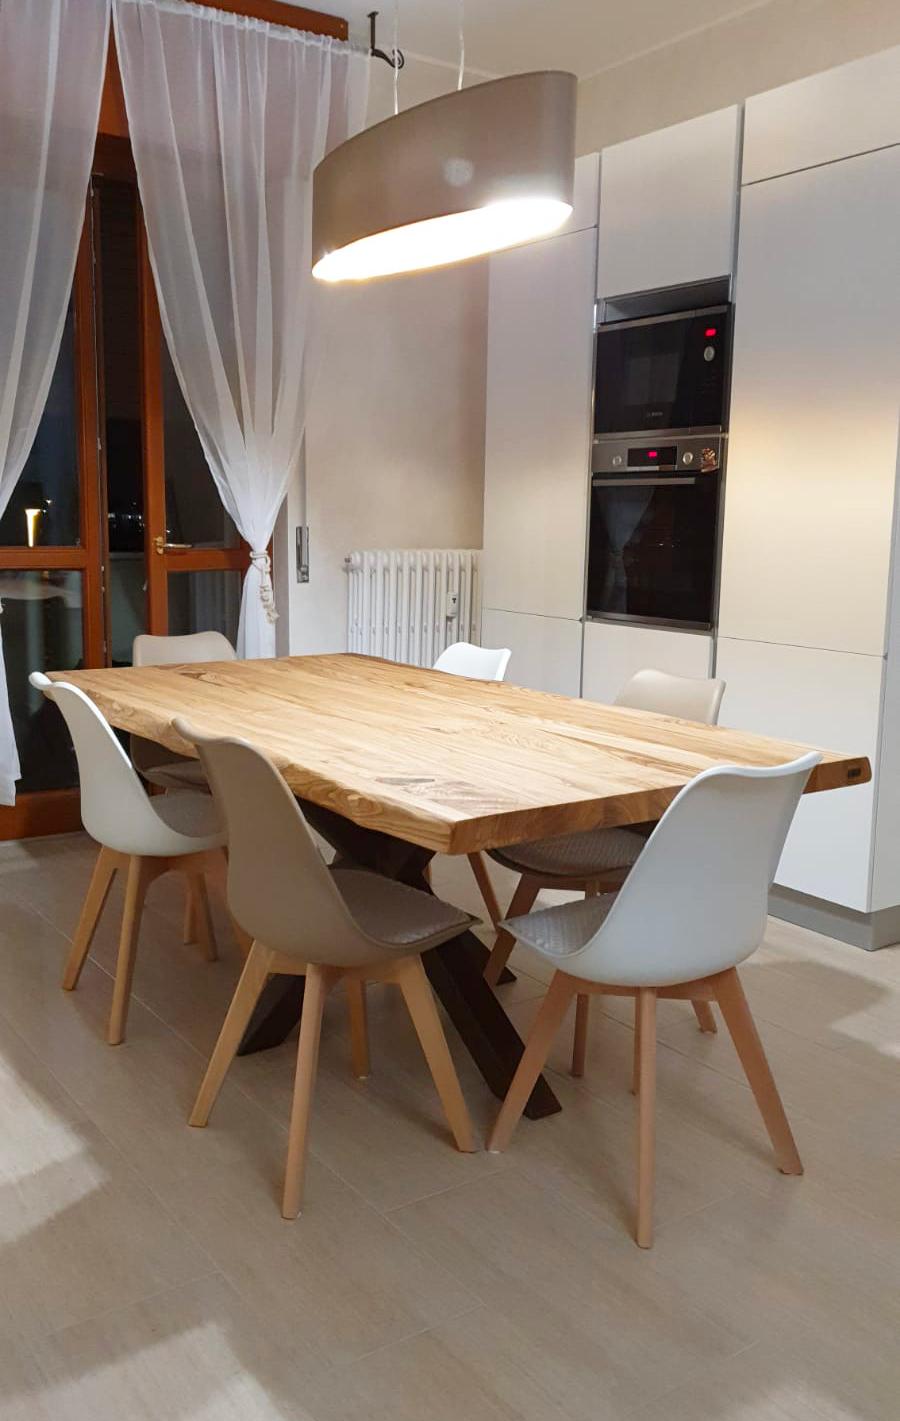 Tavolo Con Piede Centrale tavolo da cucina 160x80 cm con gamba a stella centrale effetto ruggine